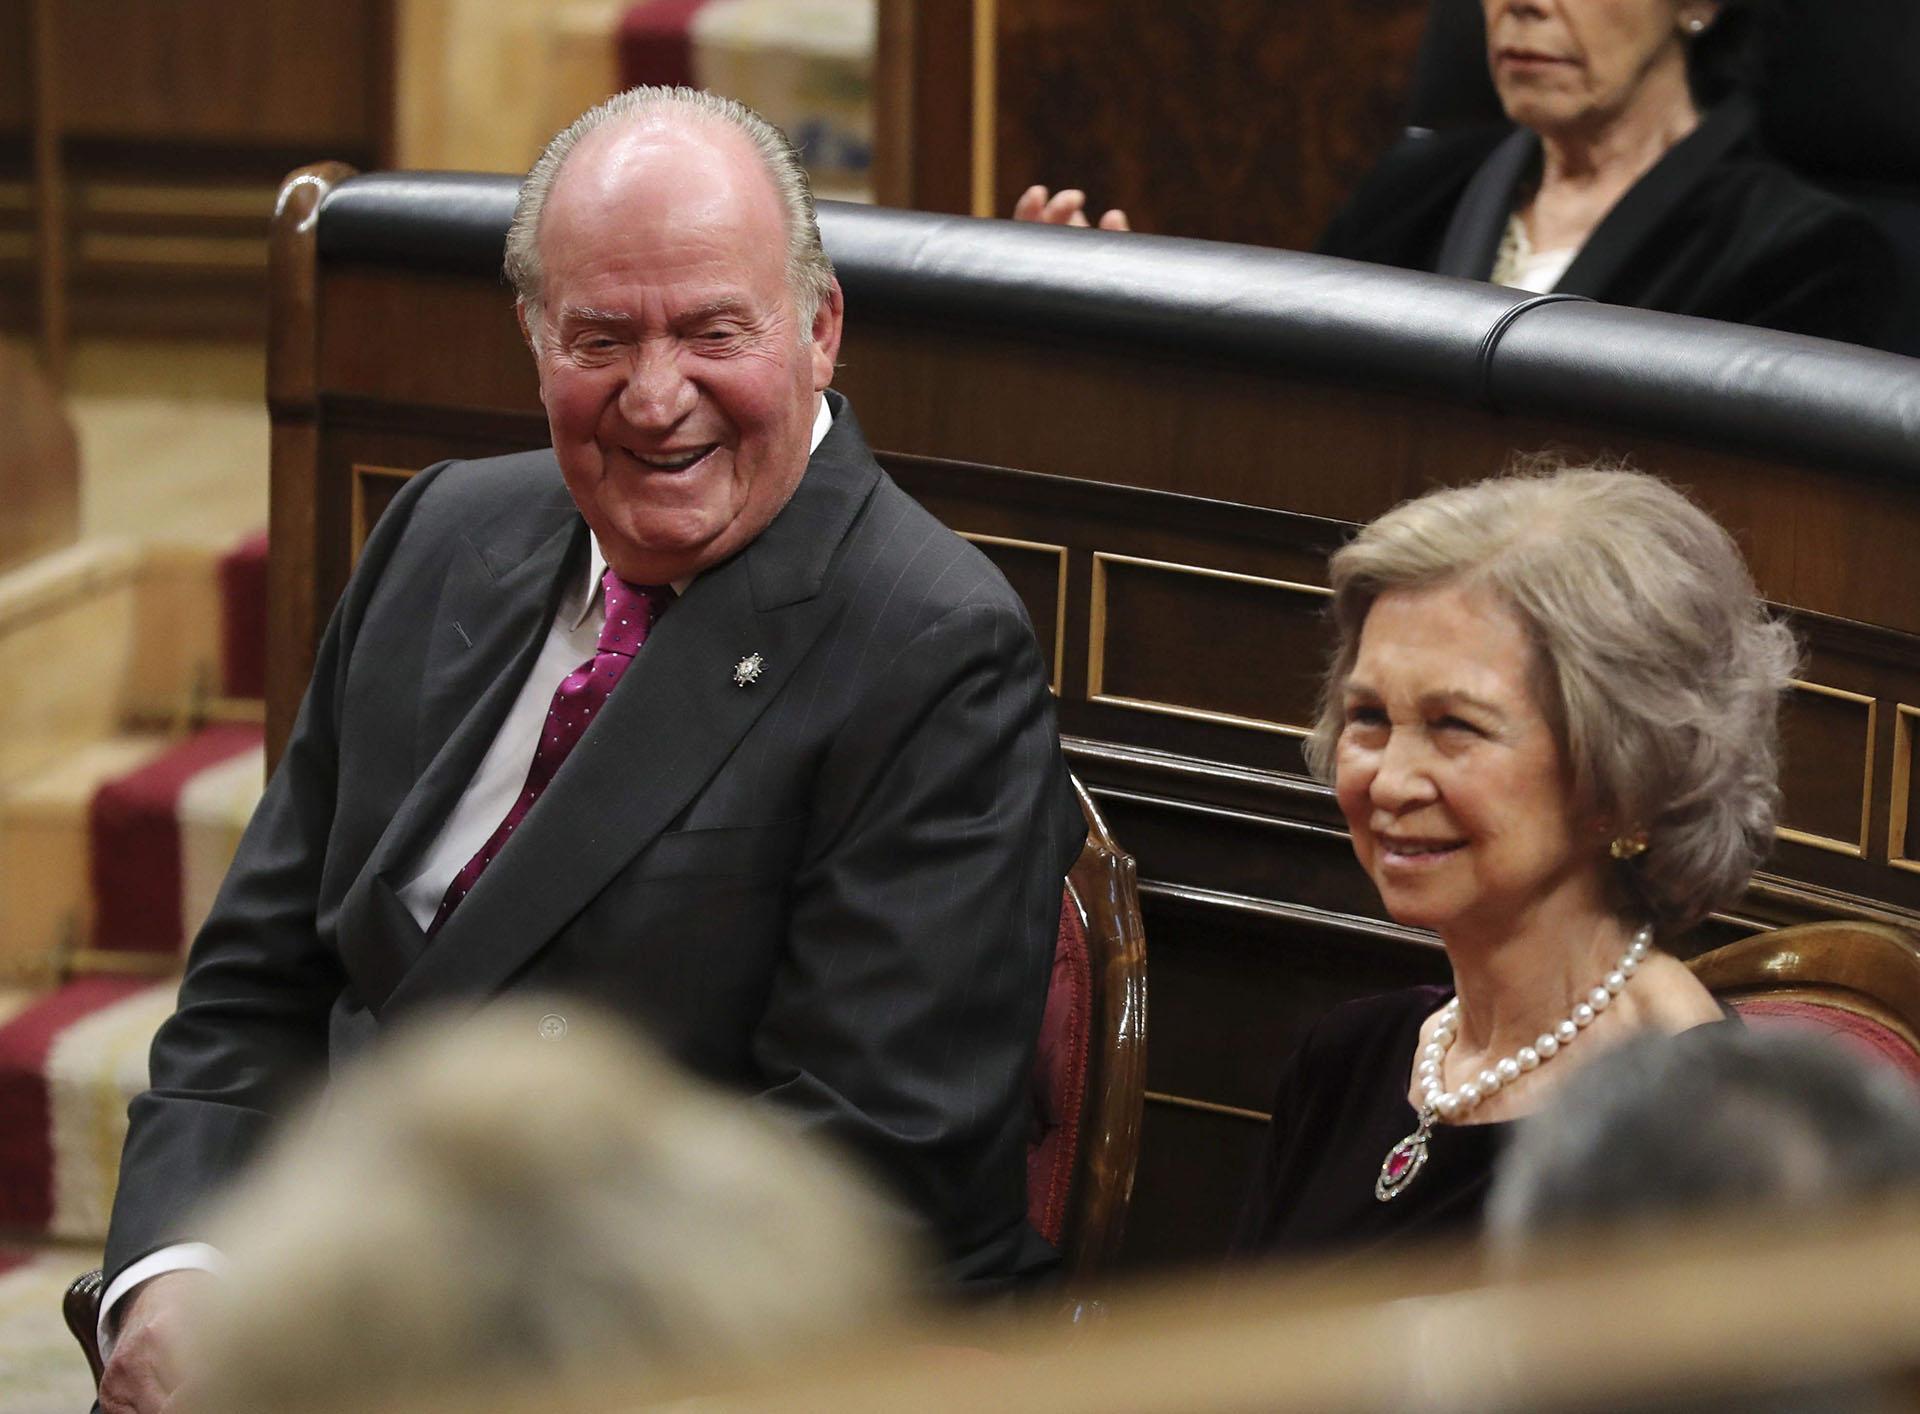 Los reyes eméritos Juan Carlos y Sofía, durante el acto que fue presidido por su hijo, el rey Felipe